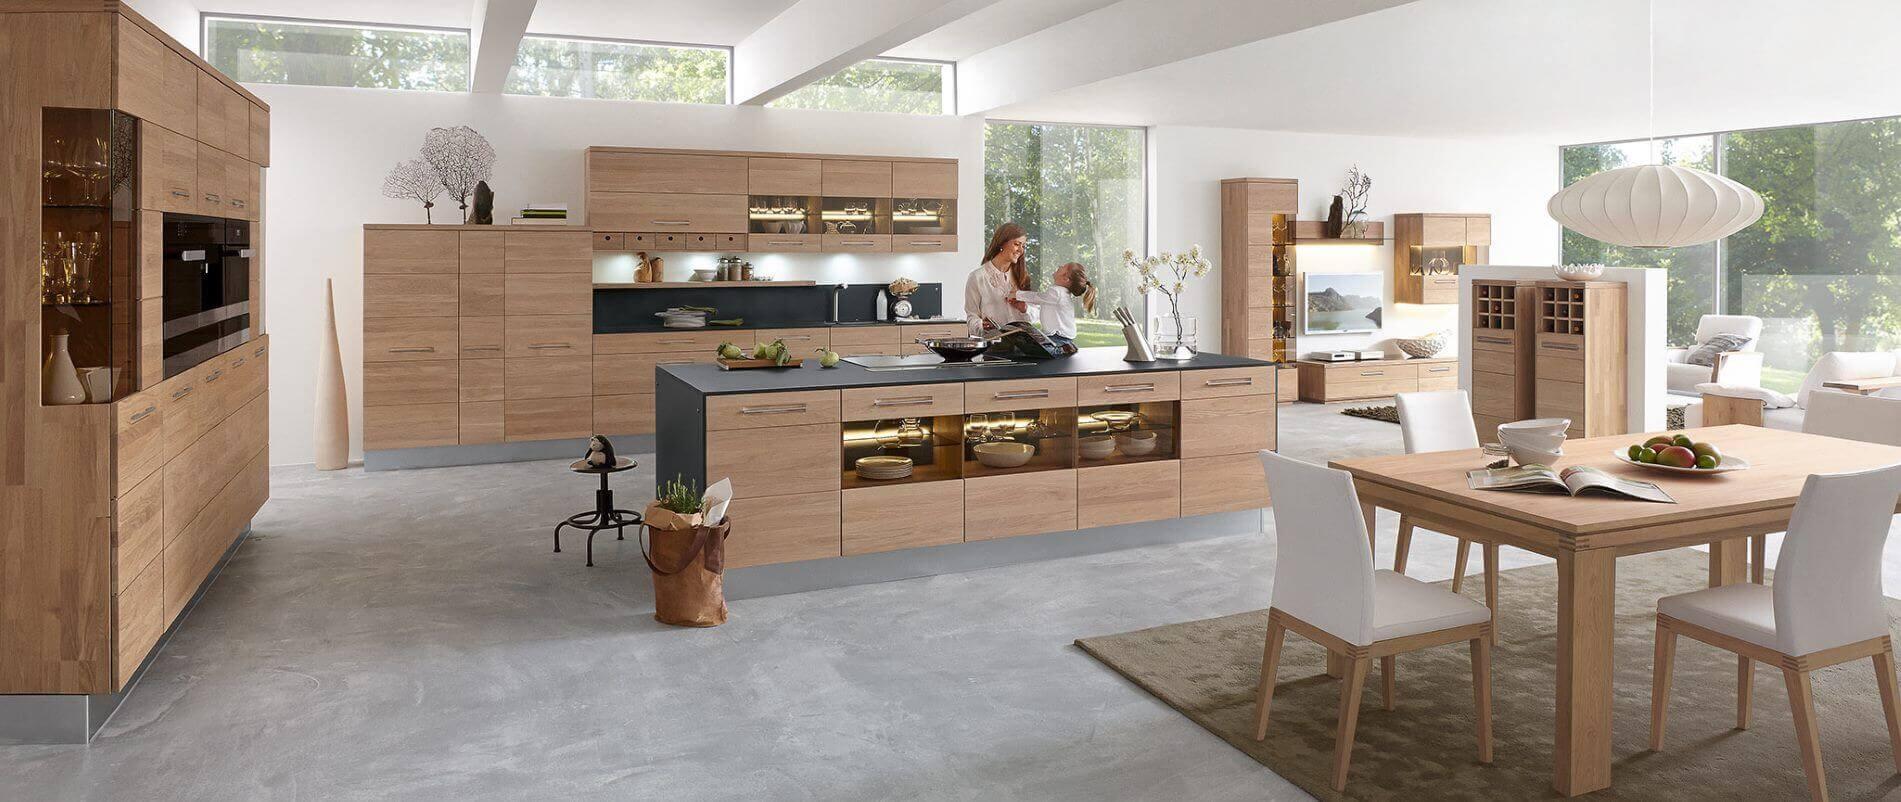 massivholzk chen tauberbischofsheim m bel schott. Black Bedroom Furniture Sets. Home Design Ideas